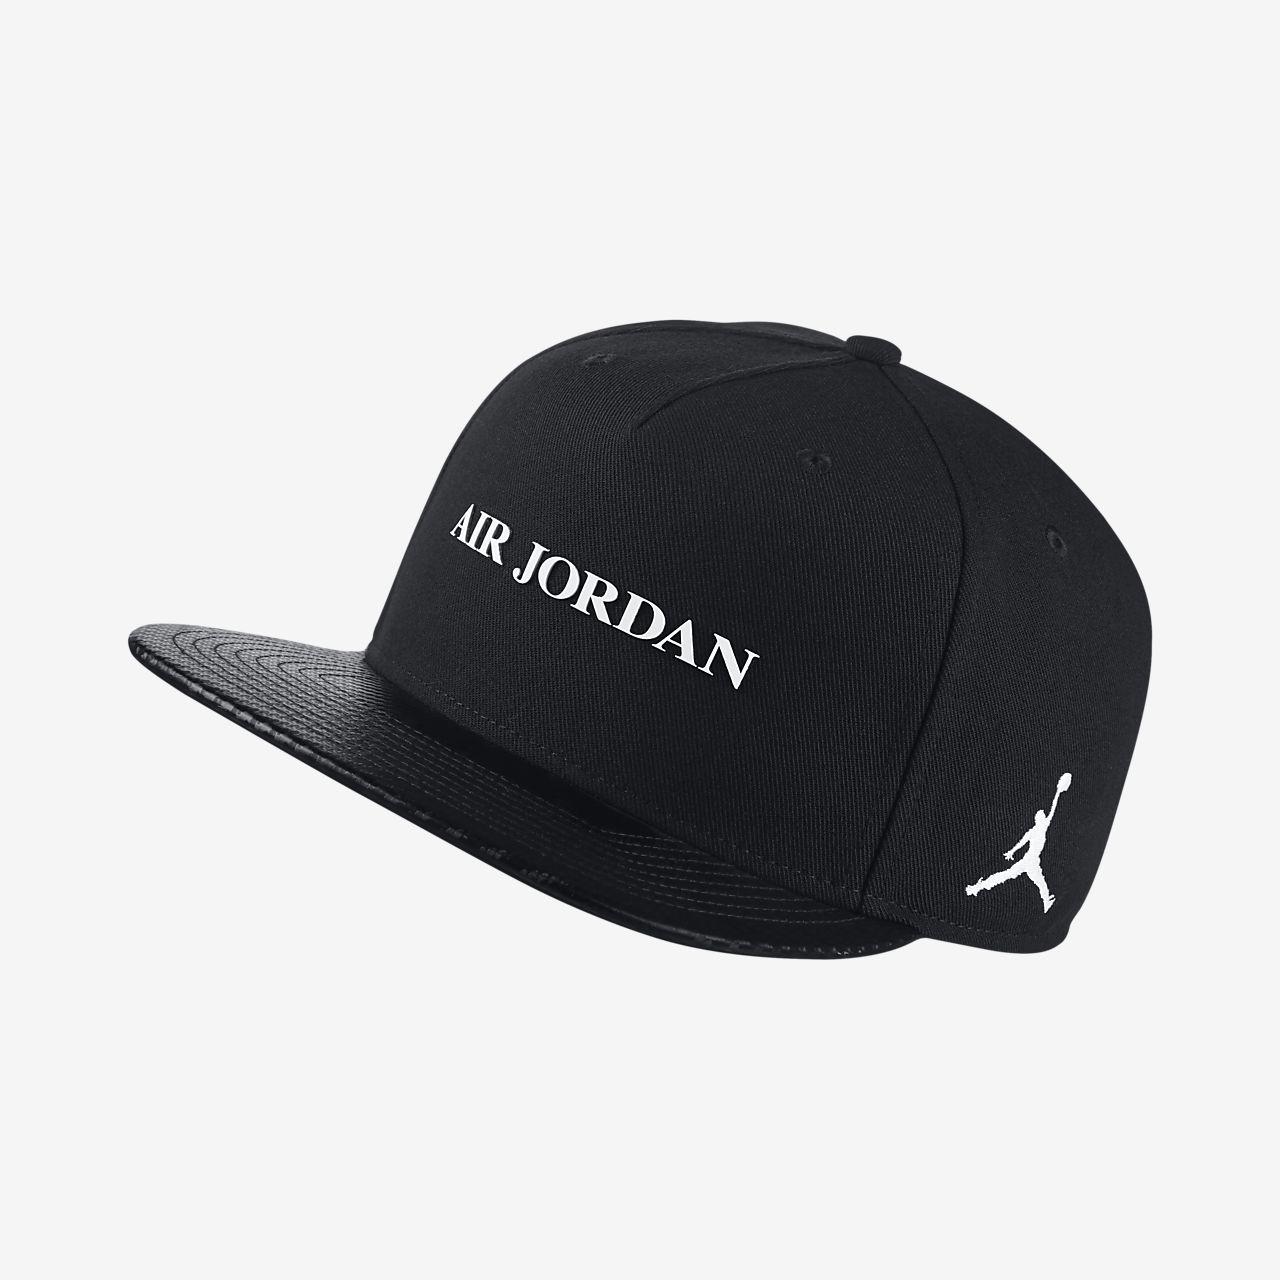 Jordan Jumpman Pro AJ 10 可調式帽款